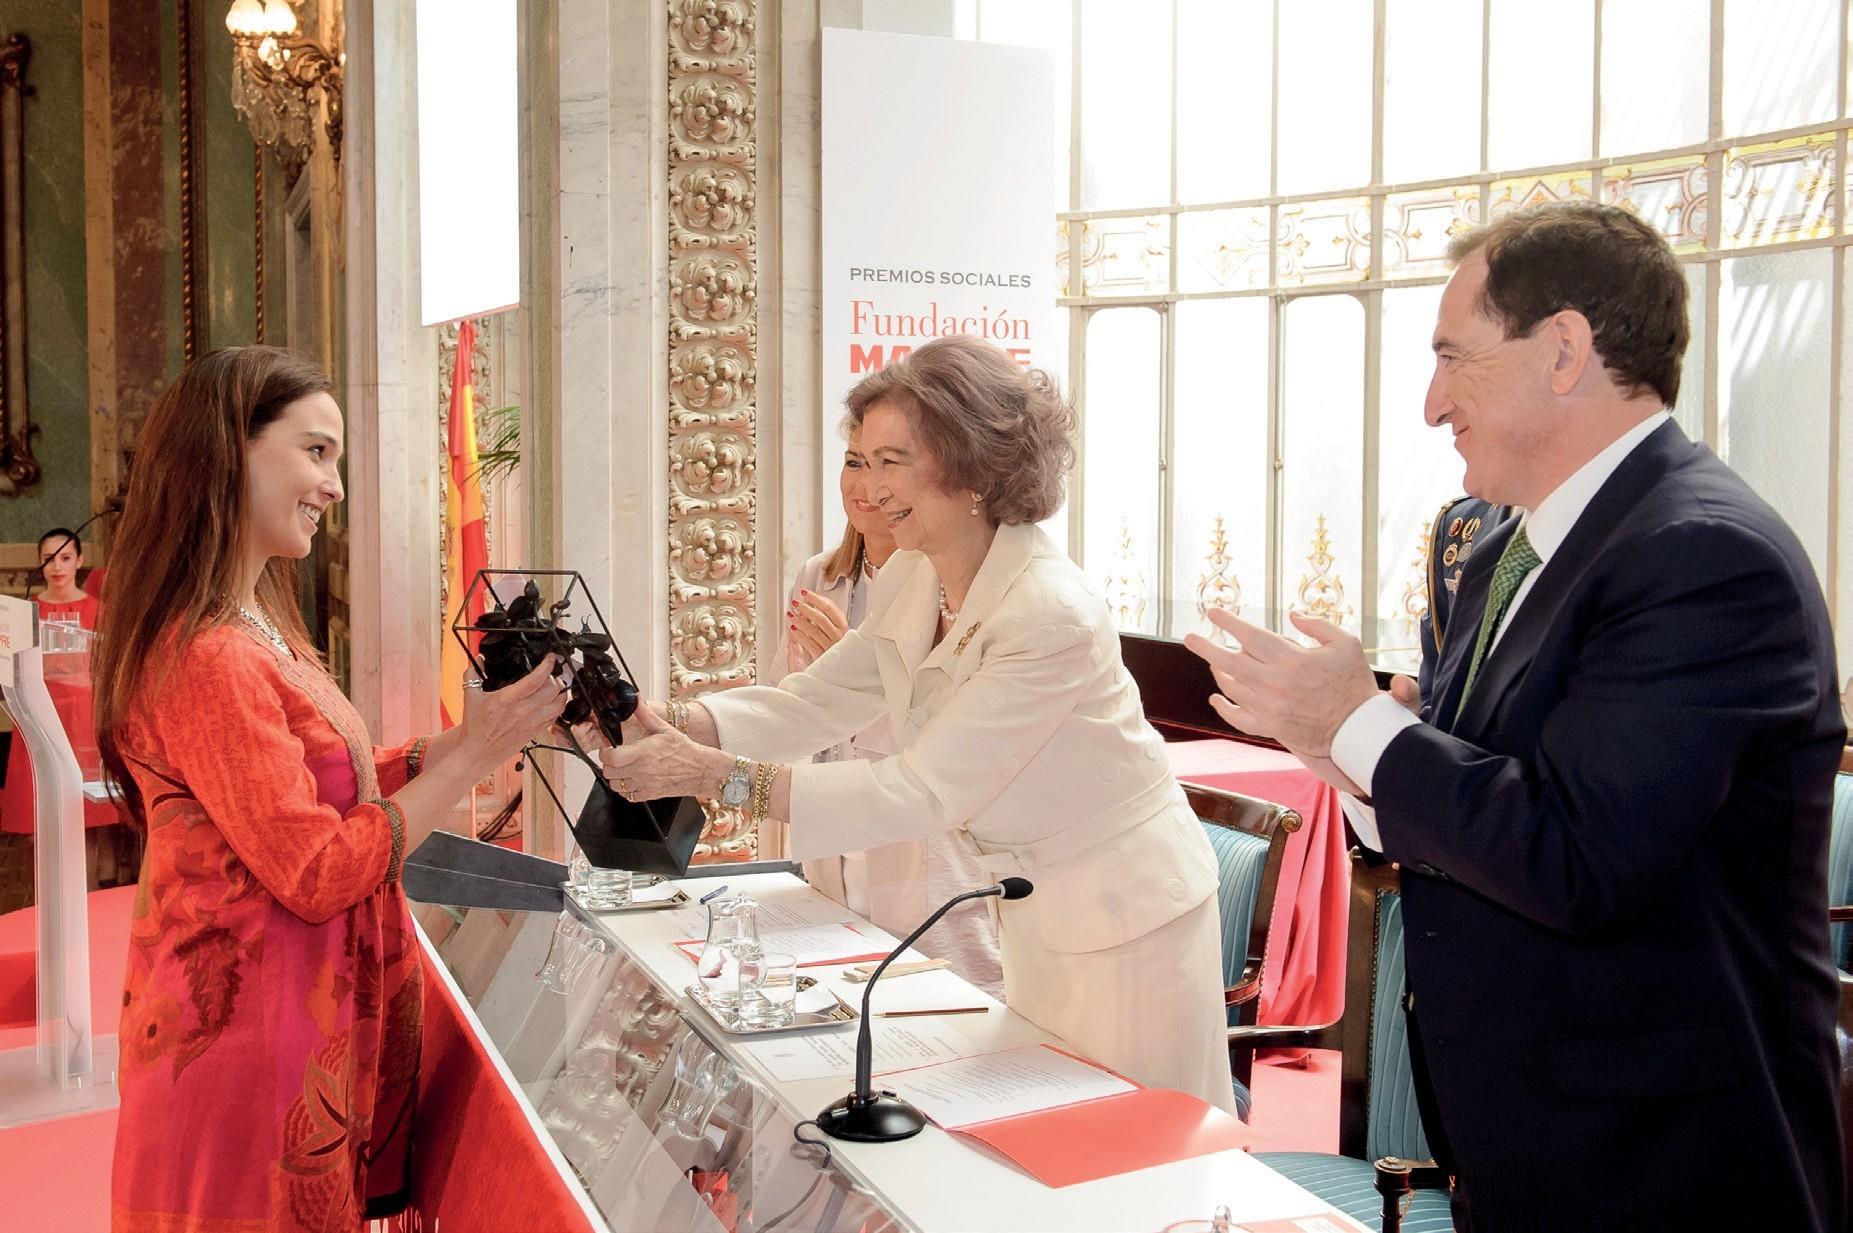 Fundación MAPFRE, Toplumsal Gelişime Katkı Sunanları Ödüllendiriyor!